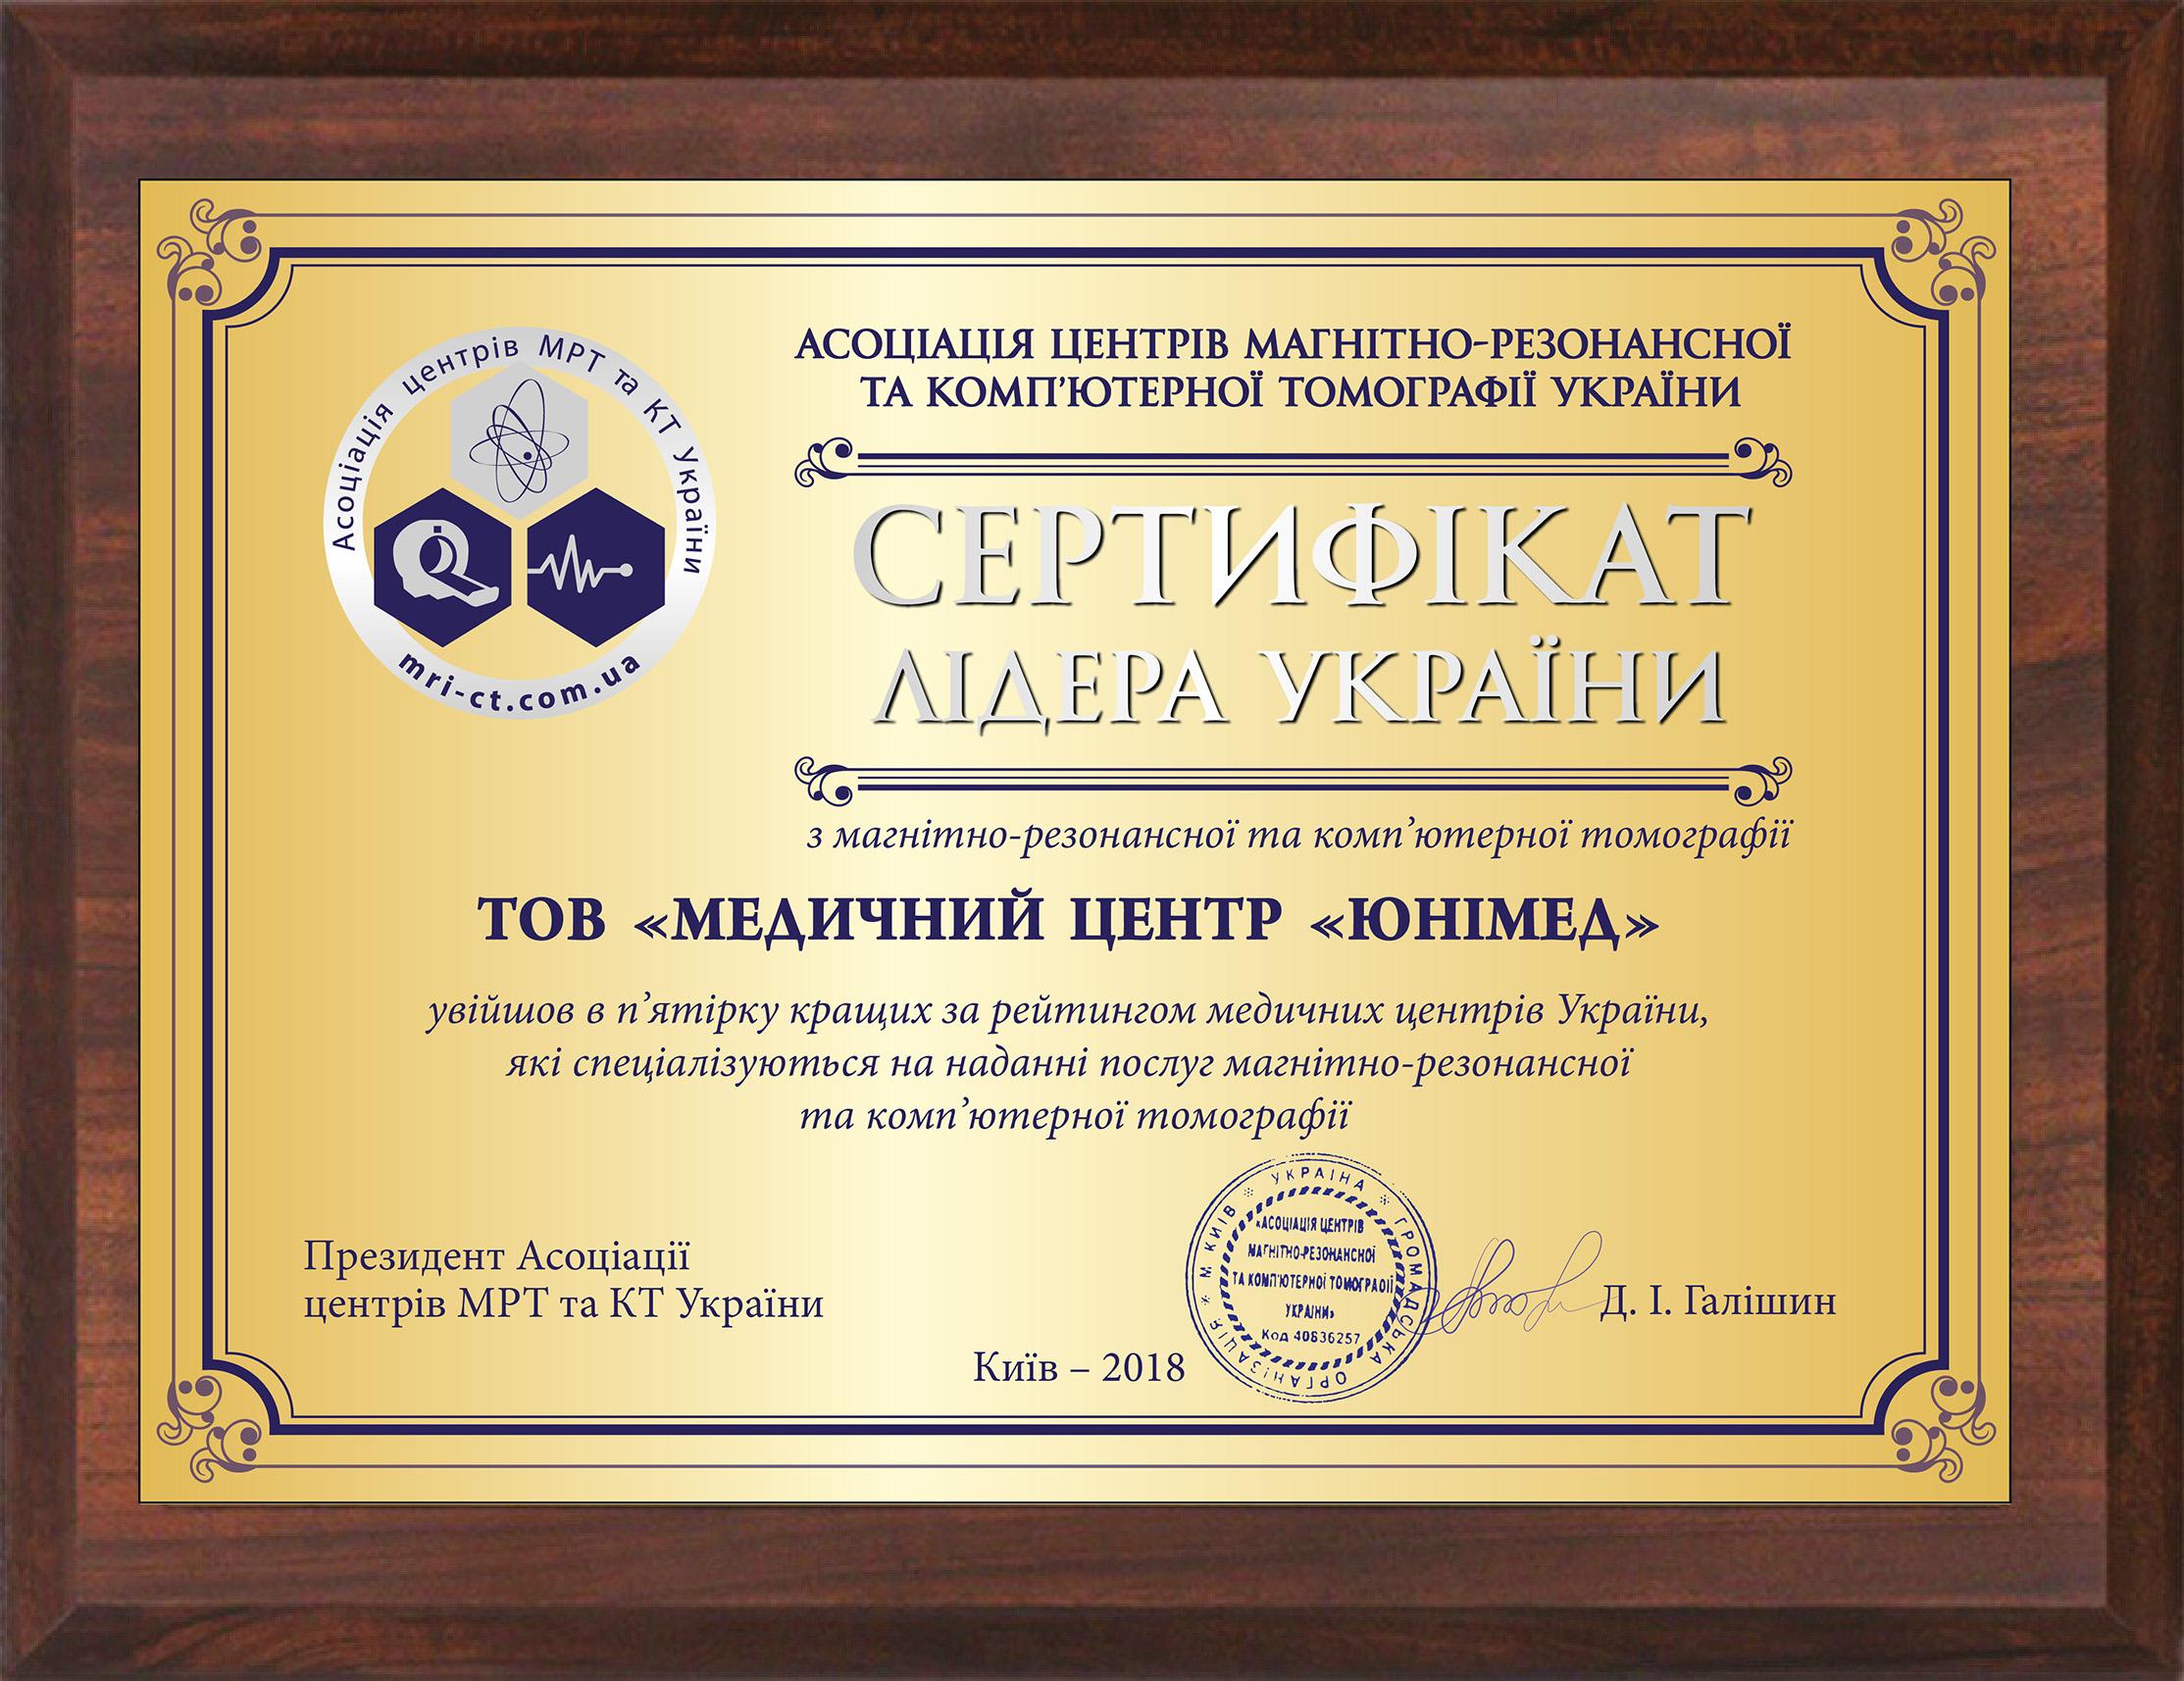 медицинский центр «Юнимед» МРТ